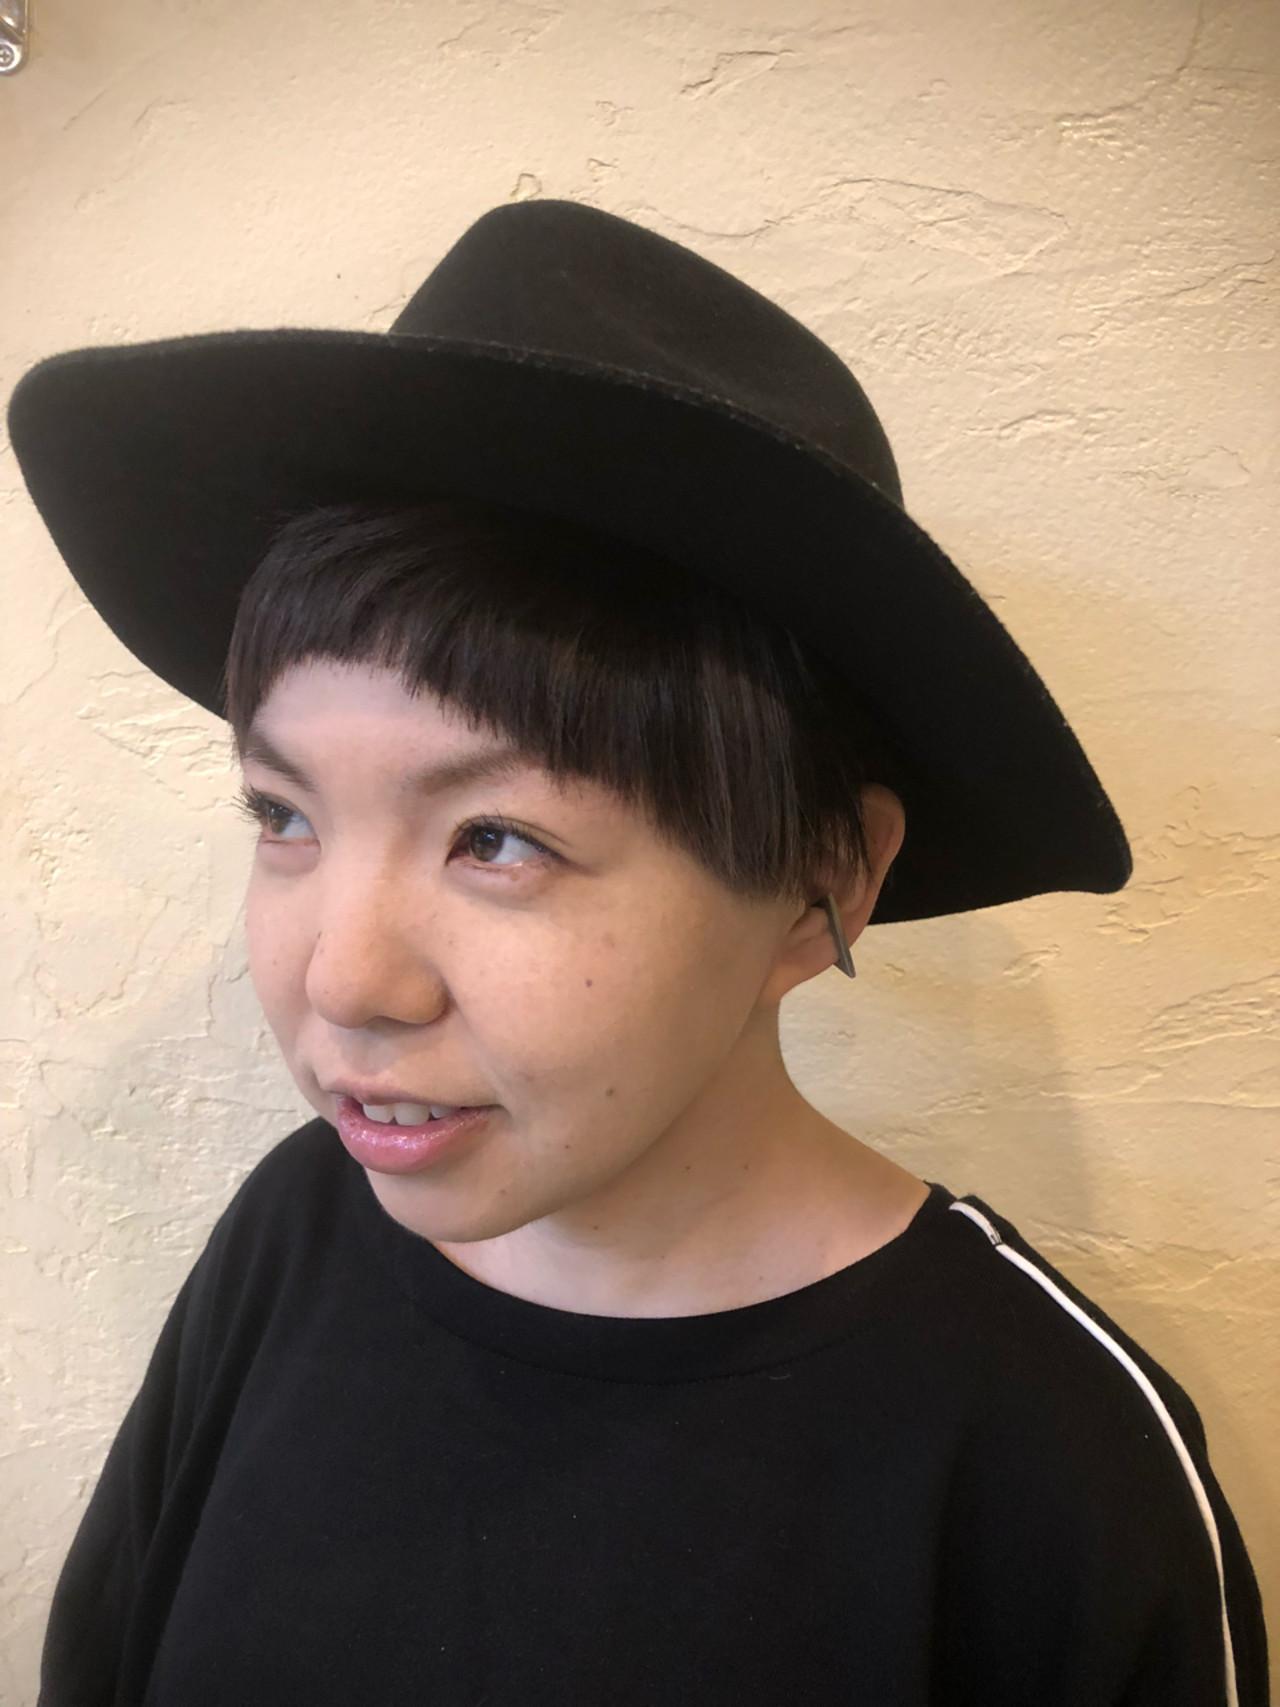 大人女子 前髪パッツン メッシュ モード ヘアスタイルや髪型の写真・画像